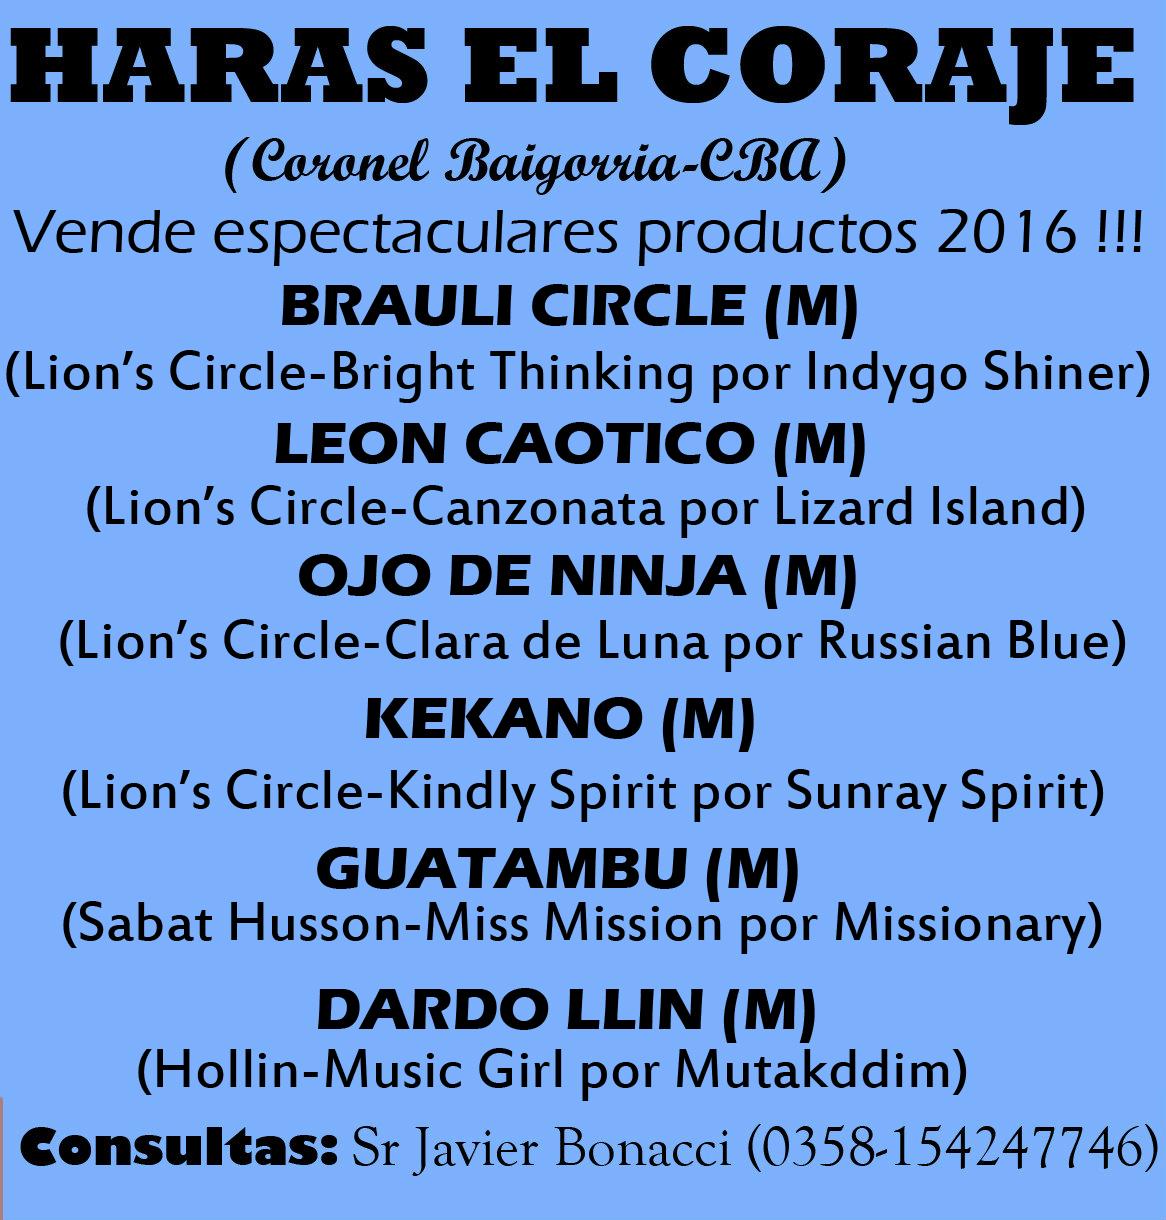 HS EL CORAJE PRODUCTOS 1